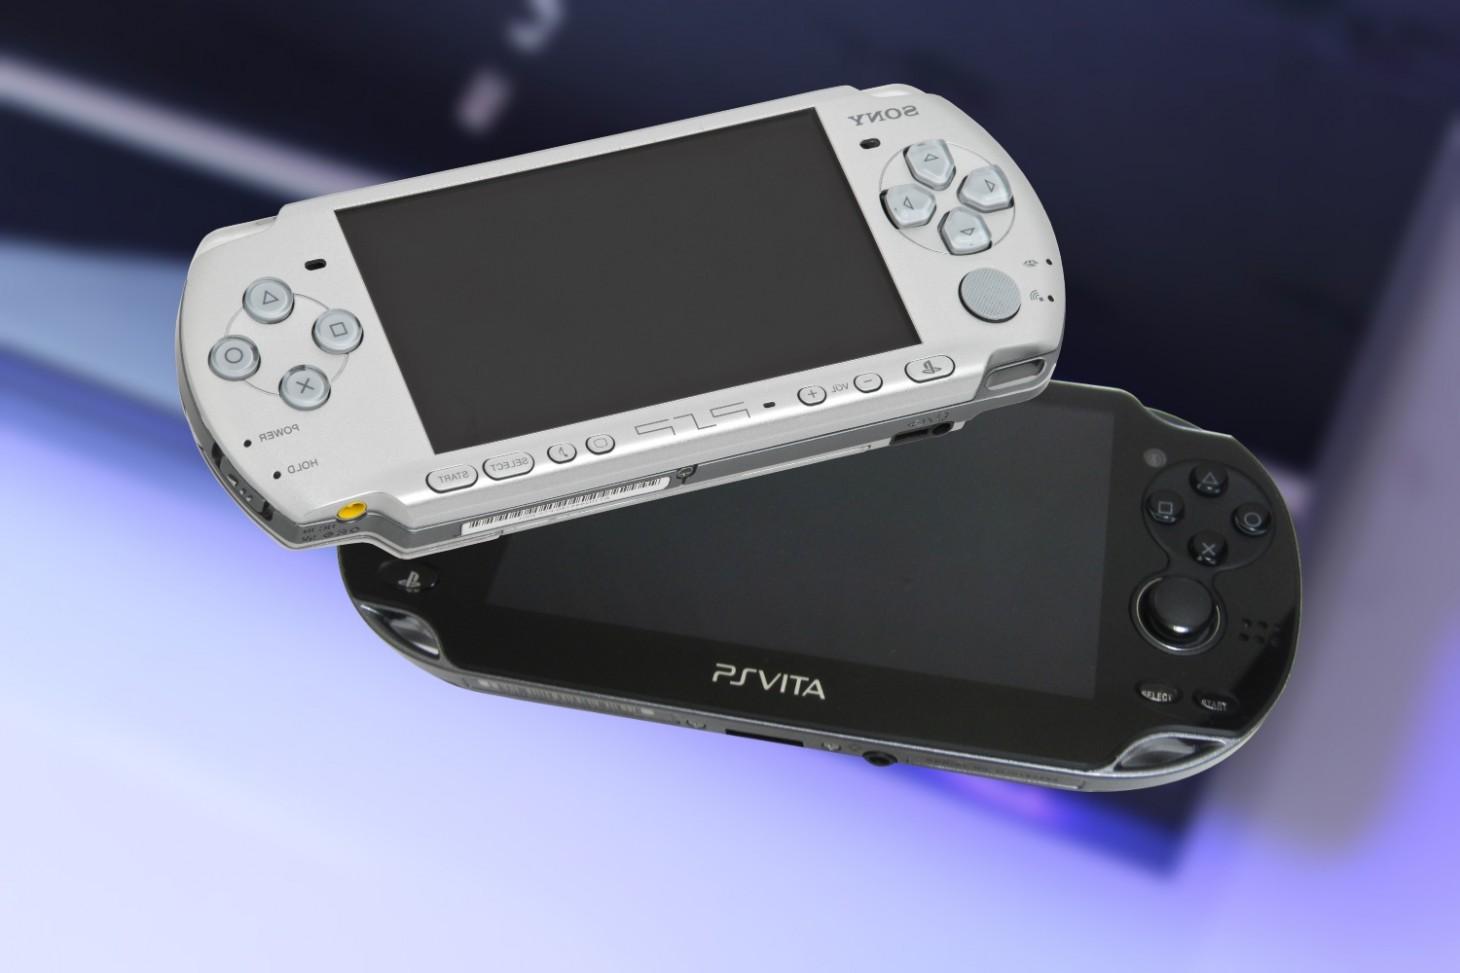 Údajně má dojít k uzavření PS Store pro PS3, PSP a PS Vita PSP